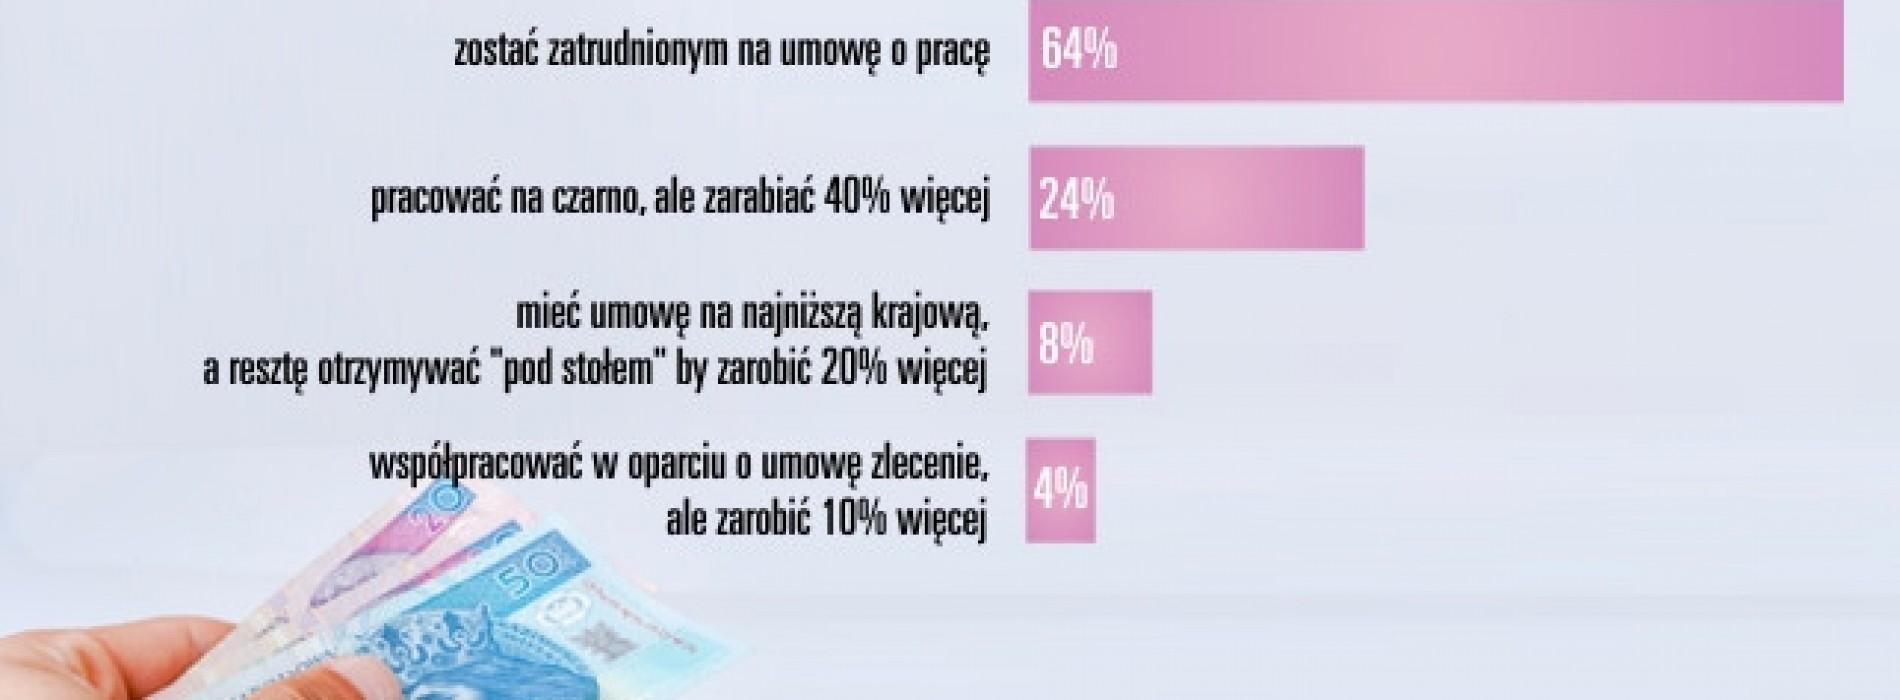 Kasa czy umowa? Co wybierają Polacy?